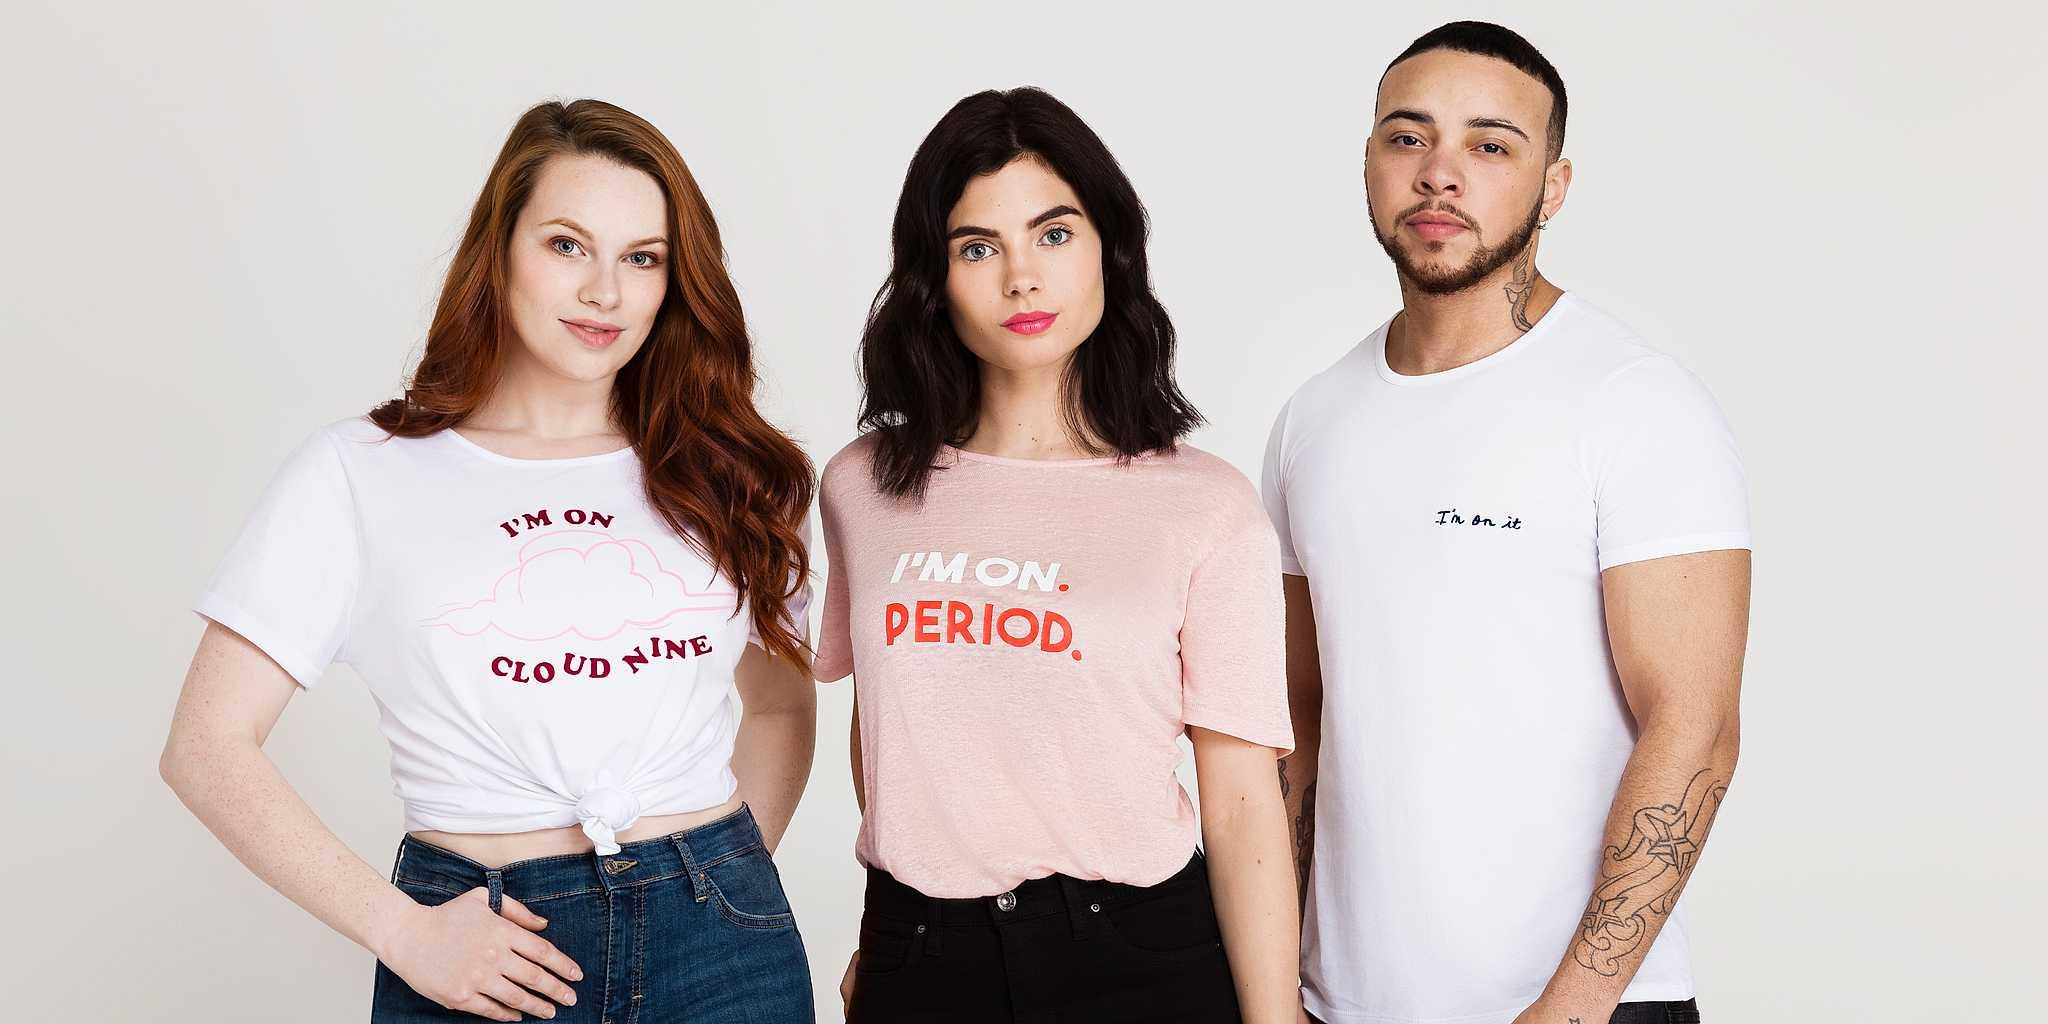 Un hombre transexual protagoniza una campaña para normalizar la menstruación